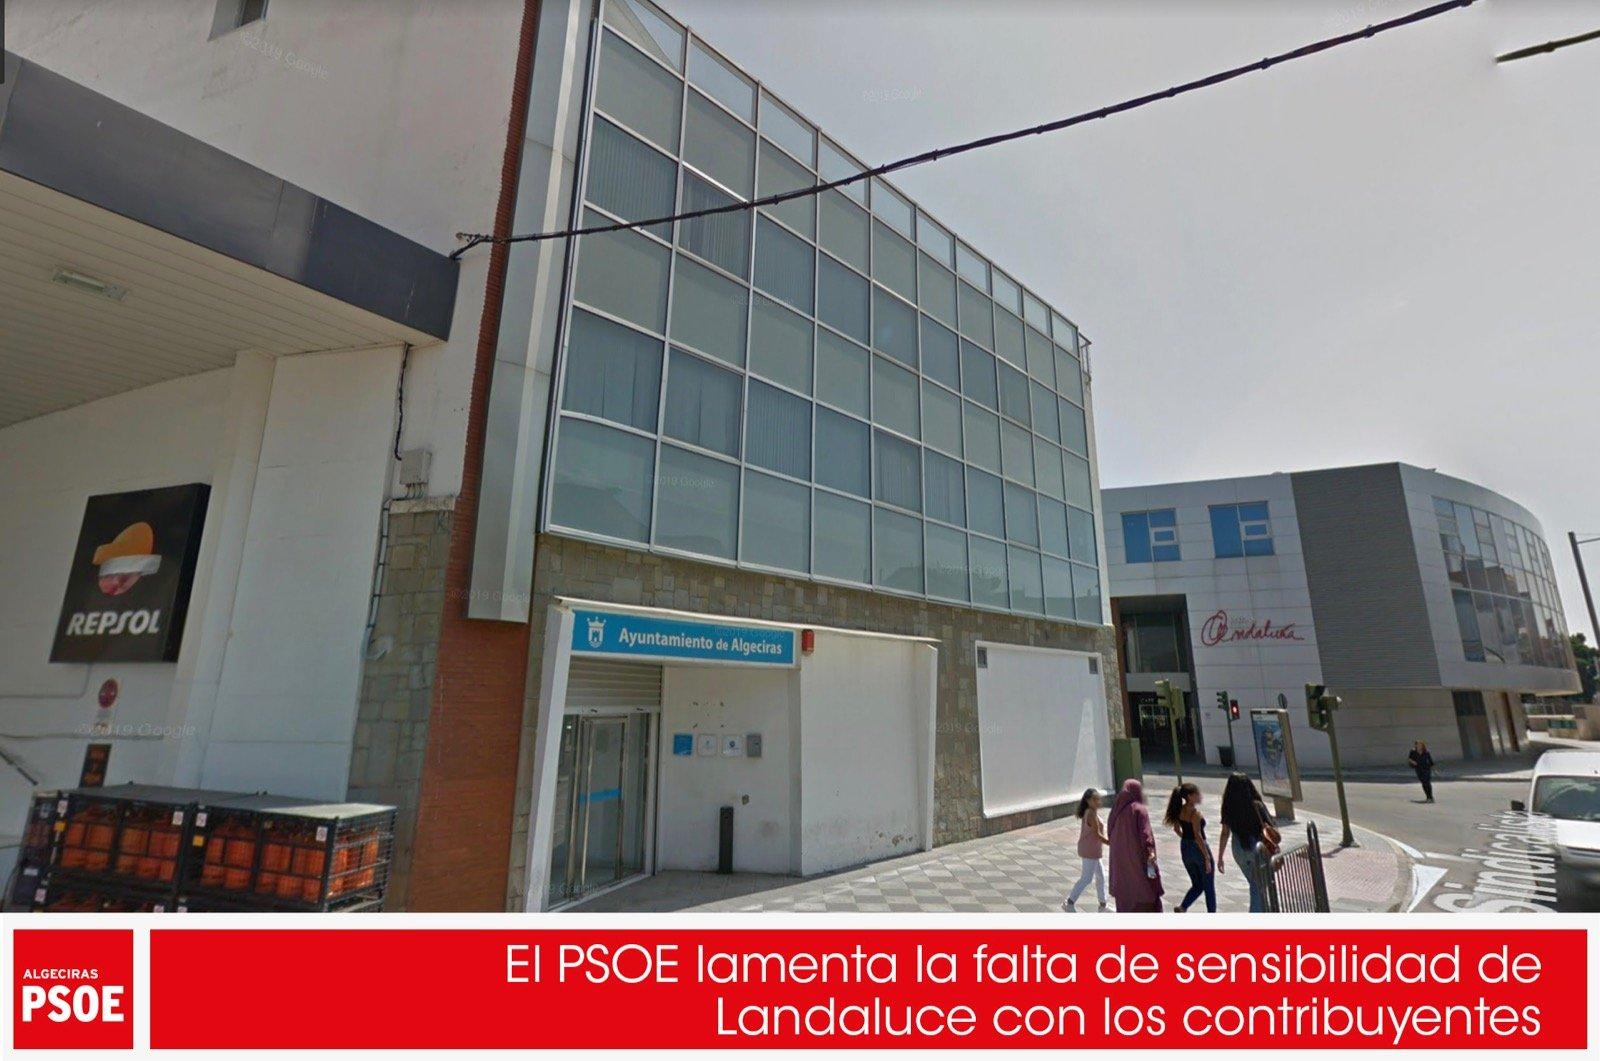 El PSOE lamenta la falta de sensibilidad de Landaluce con los contribuyentes